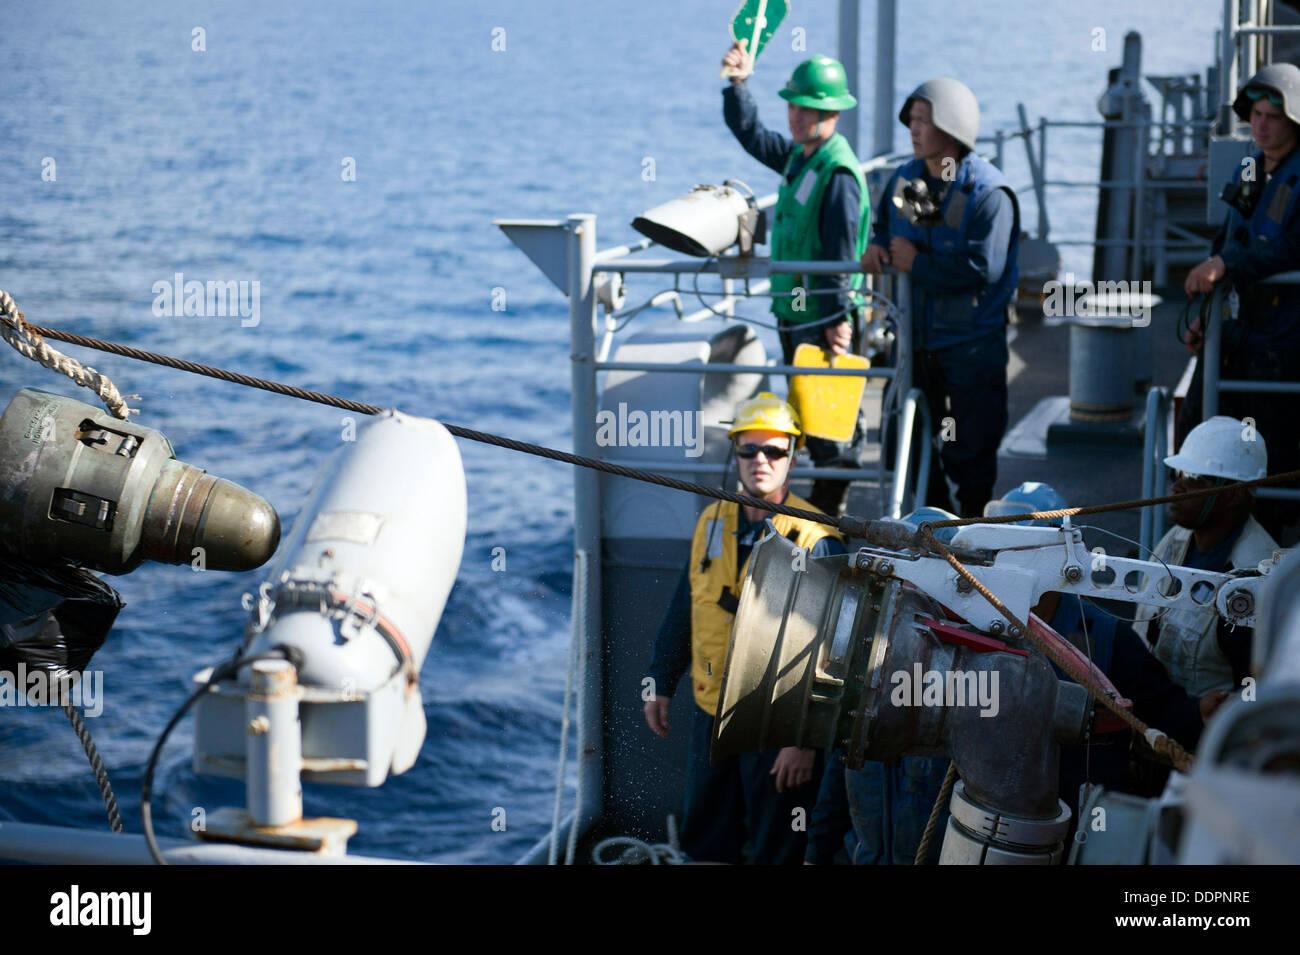 Eine Betankung Düse löst von einem Empfänger an Bord Dock amphibischen Transportschiff USS Denver (LPD 9) während einer laufenden Nachschub (UNREP) mit amphibischer Angriff Schiff USS Bonhomme Richard (LHD-6). Denver ist auf Streife mit der Bonhomme Richard Amphib Stockbild